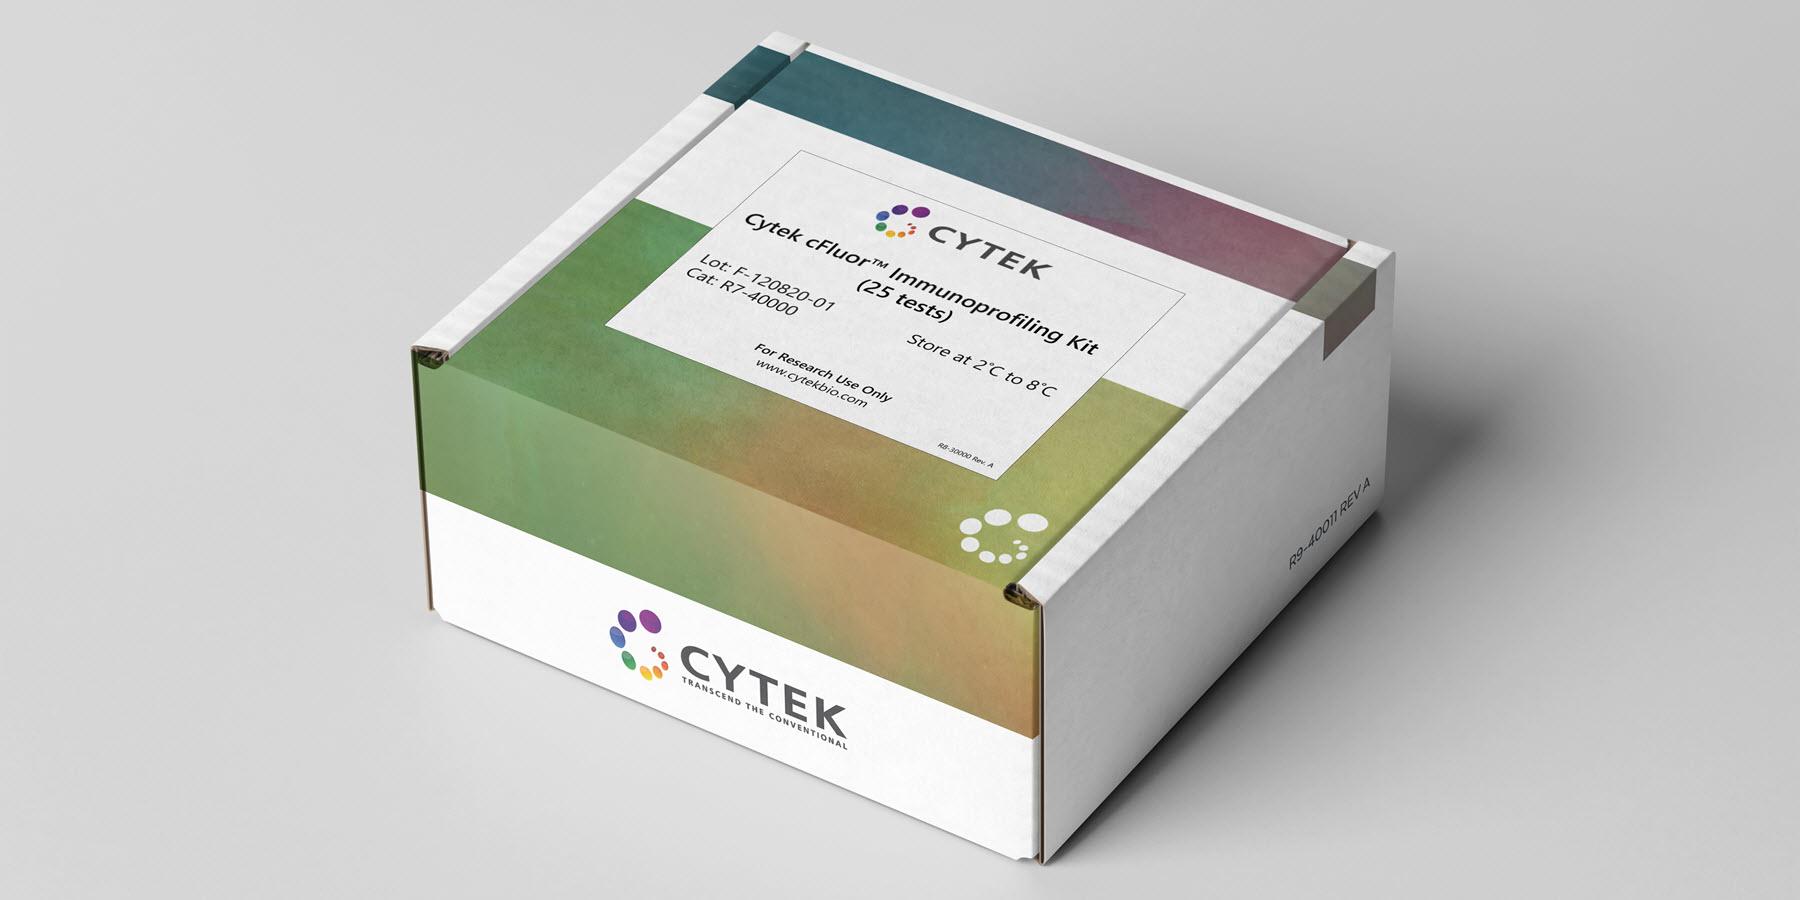 Cytek Biosciences Debuts Optimized Immunoprofiling Kit